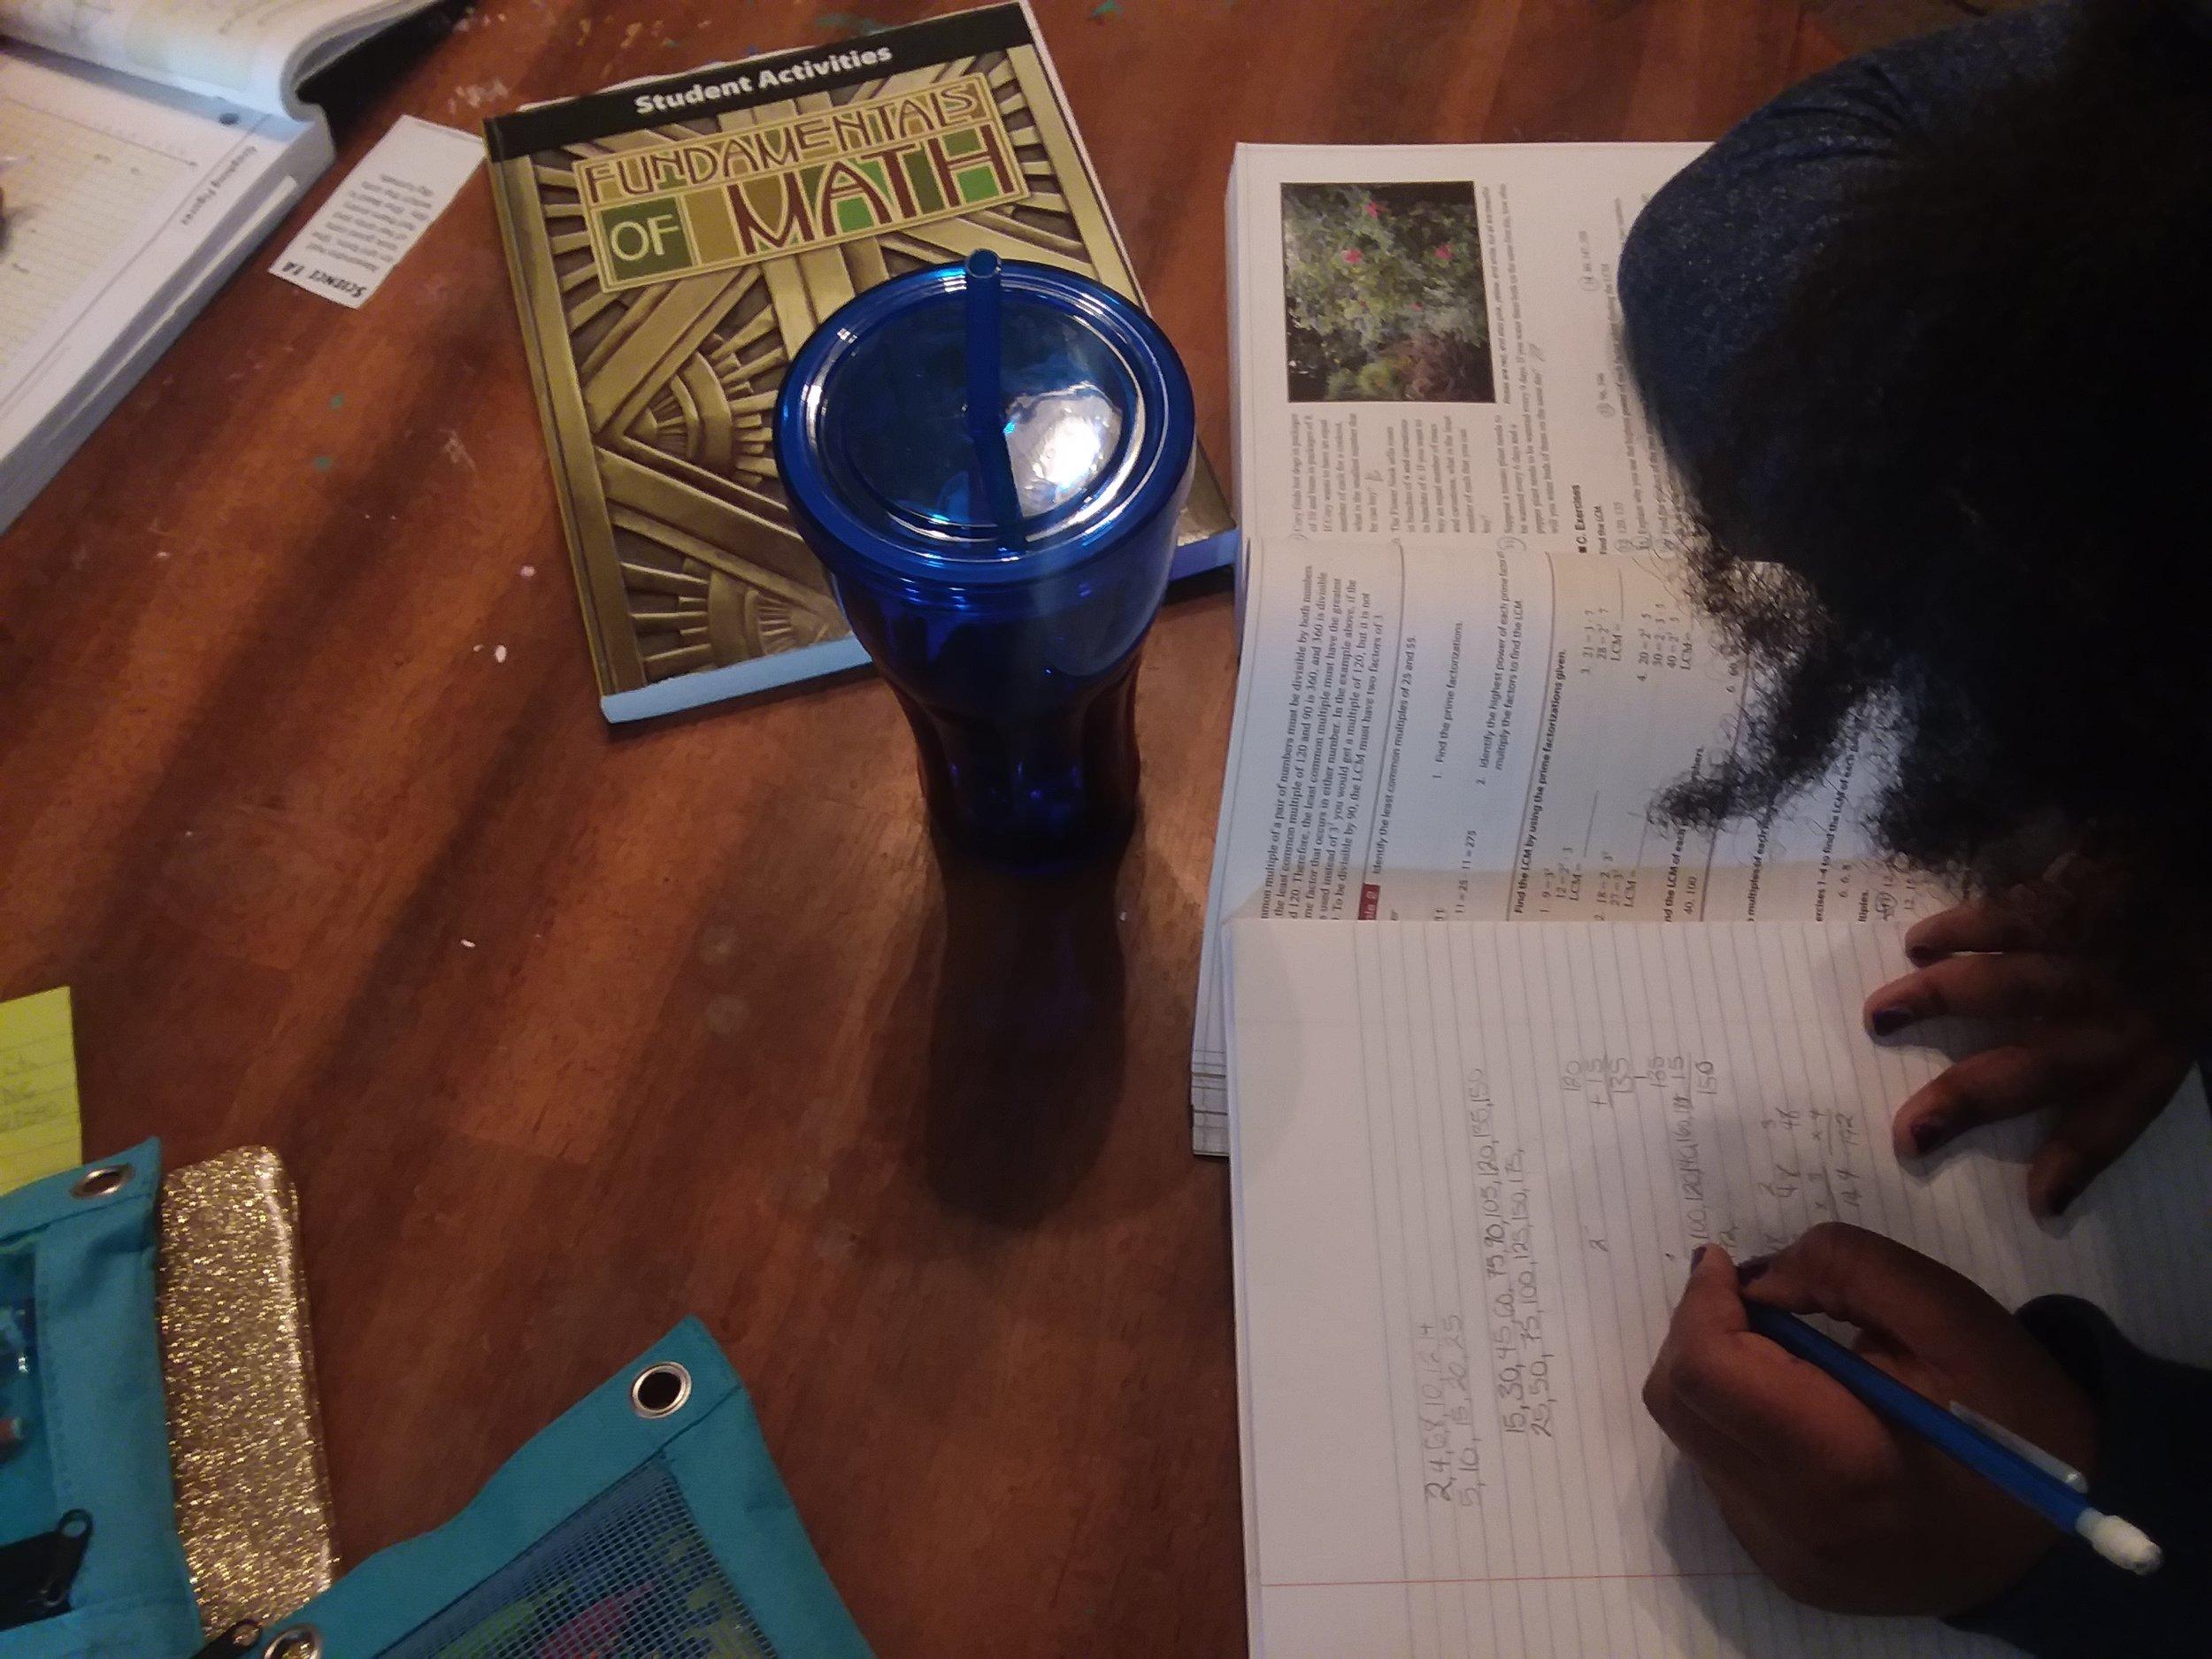 Mathematician hard at work